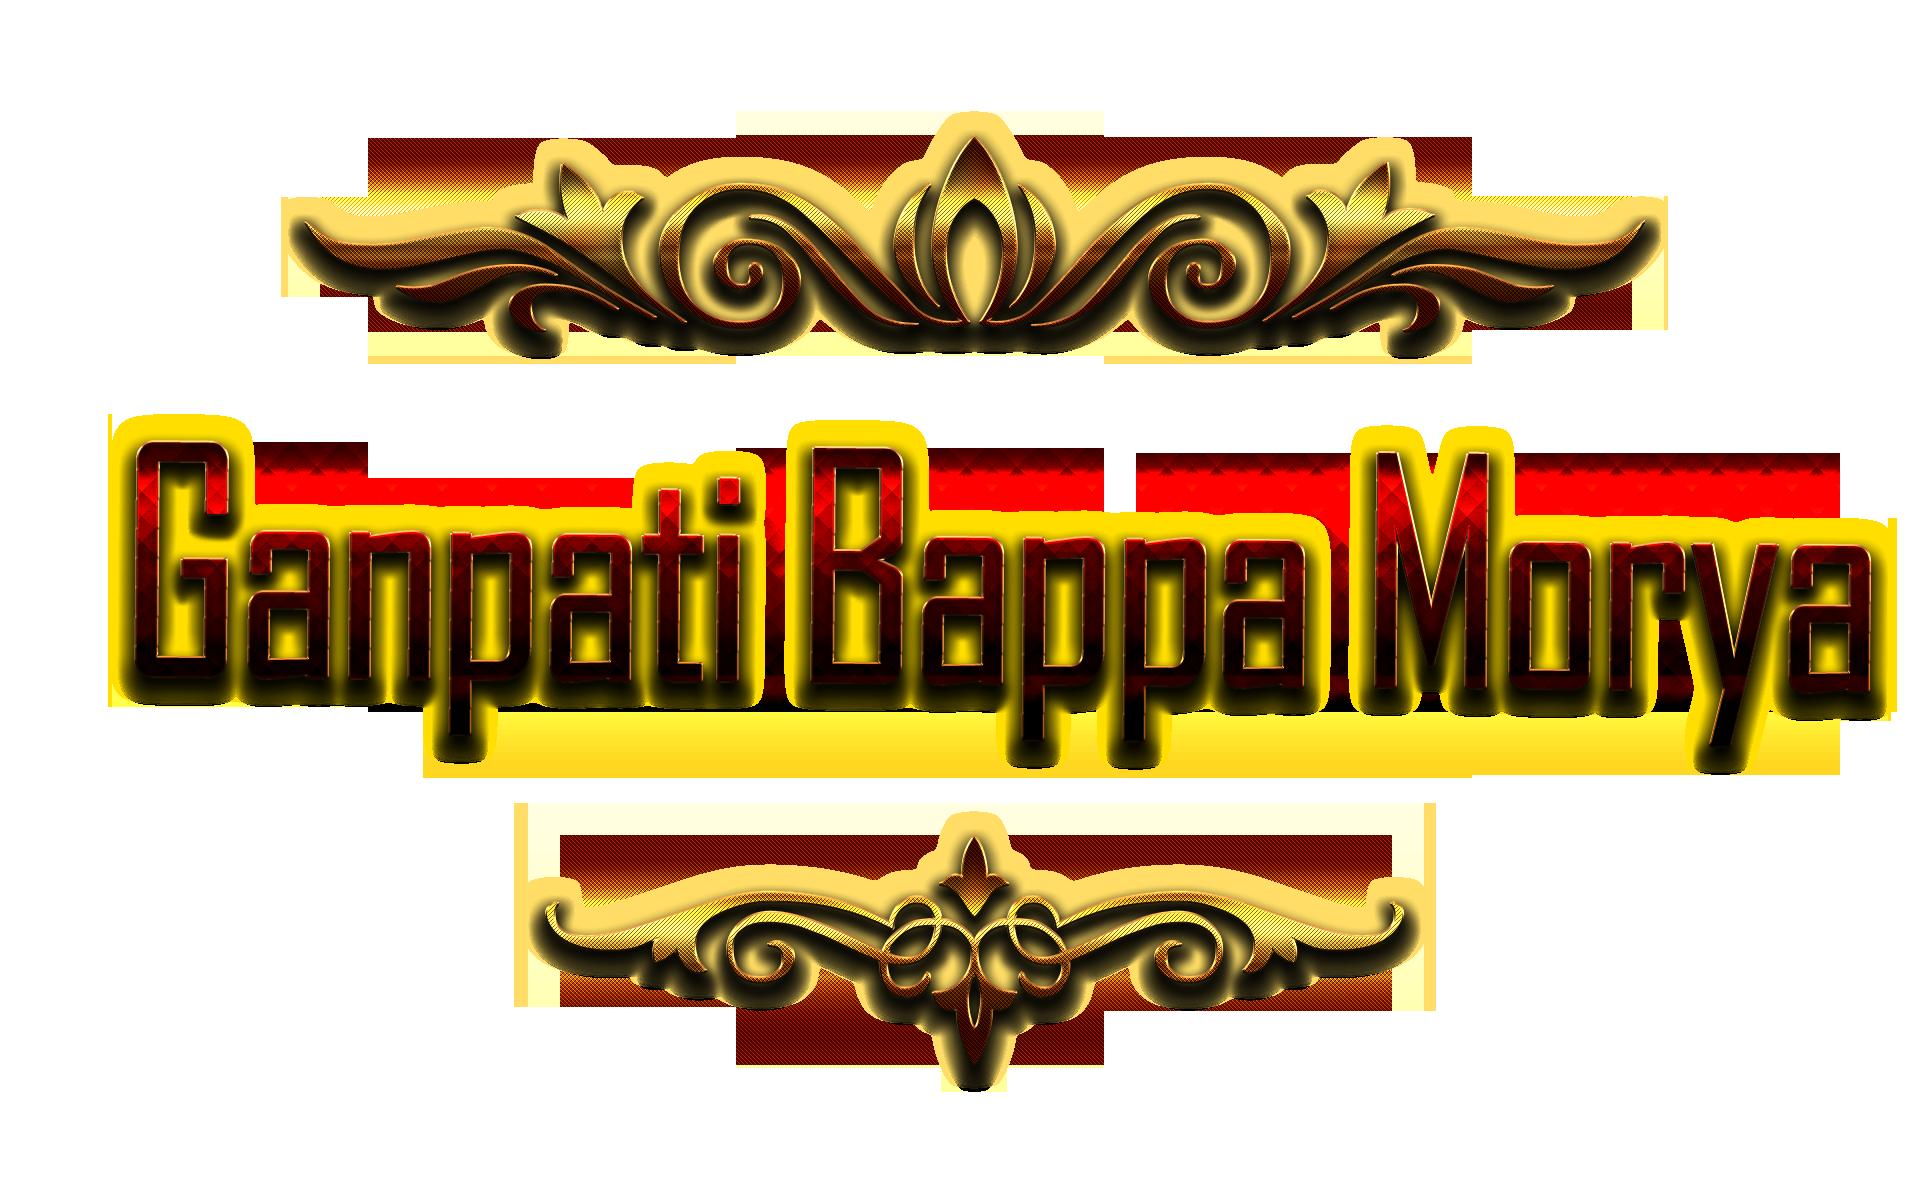 Ganpati Bappa Morya PNG.